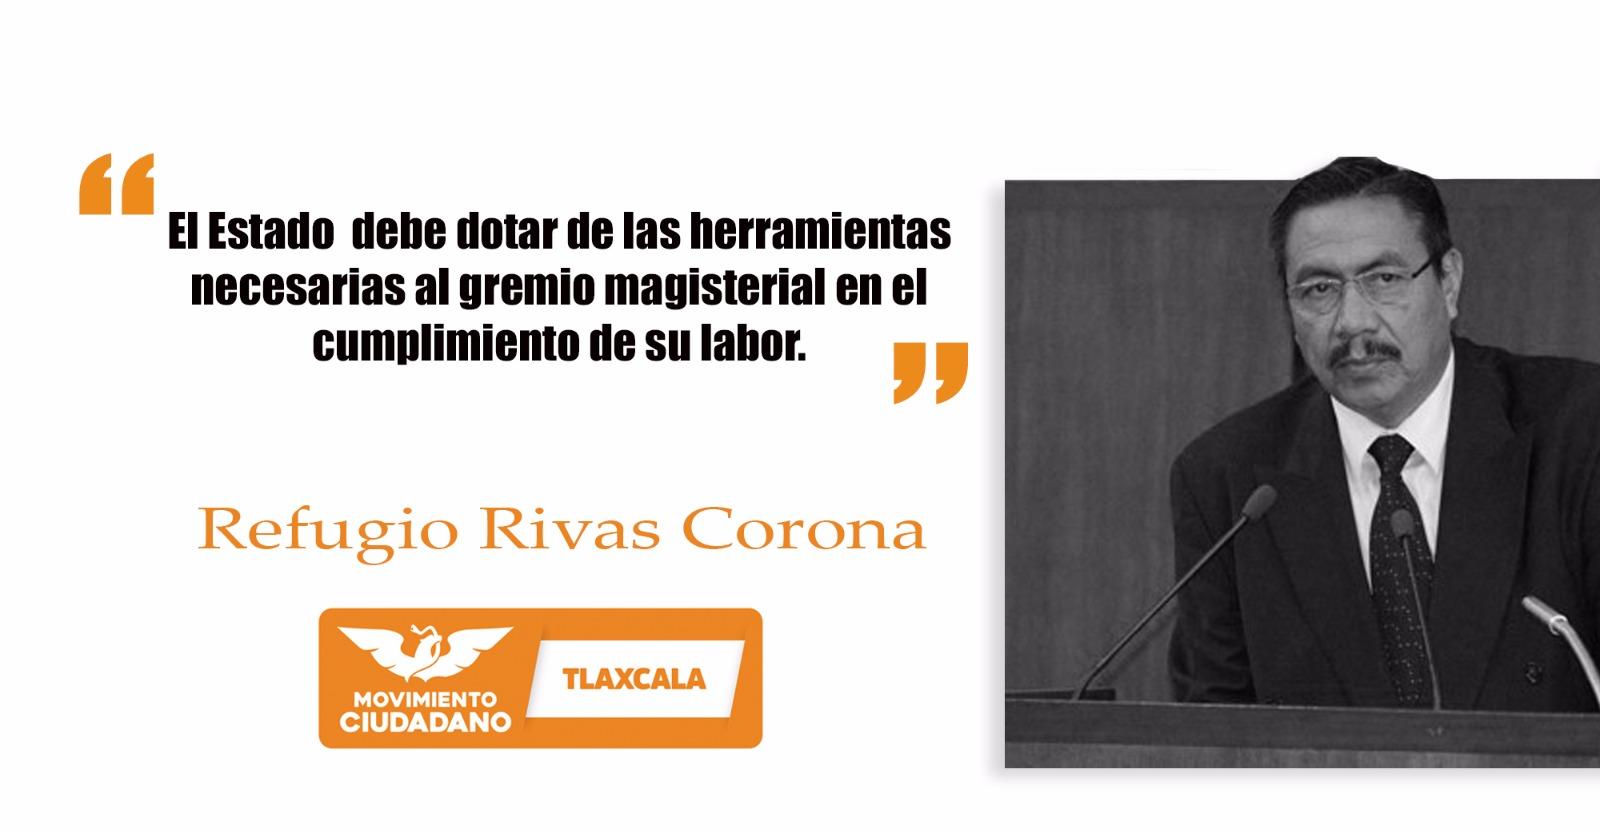 Los maestr@s de Tlaxcala necesitan mejores herramientas para cumplir su labor: Refugio Rivas